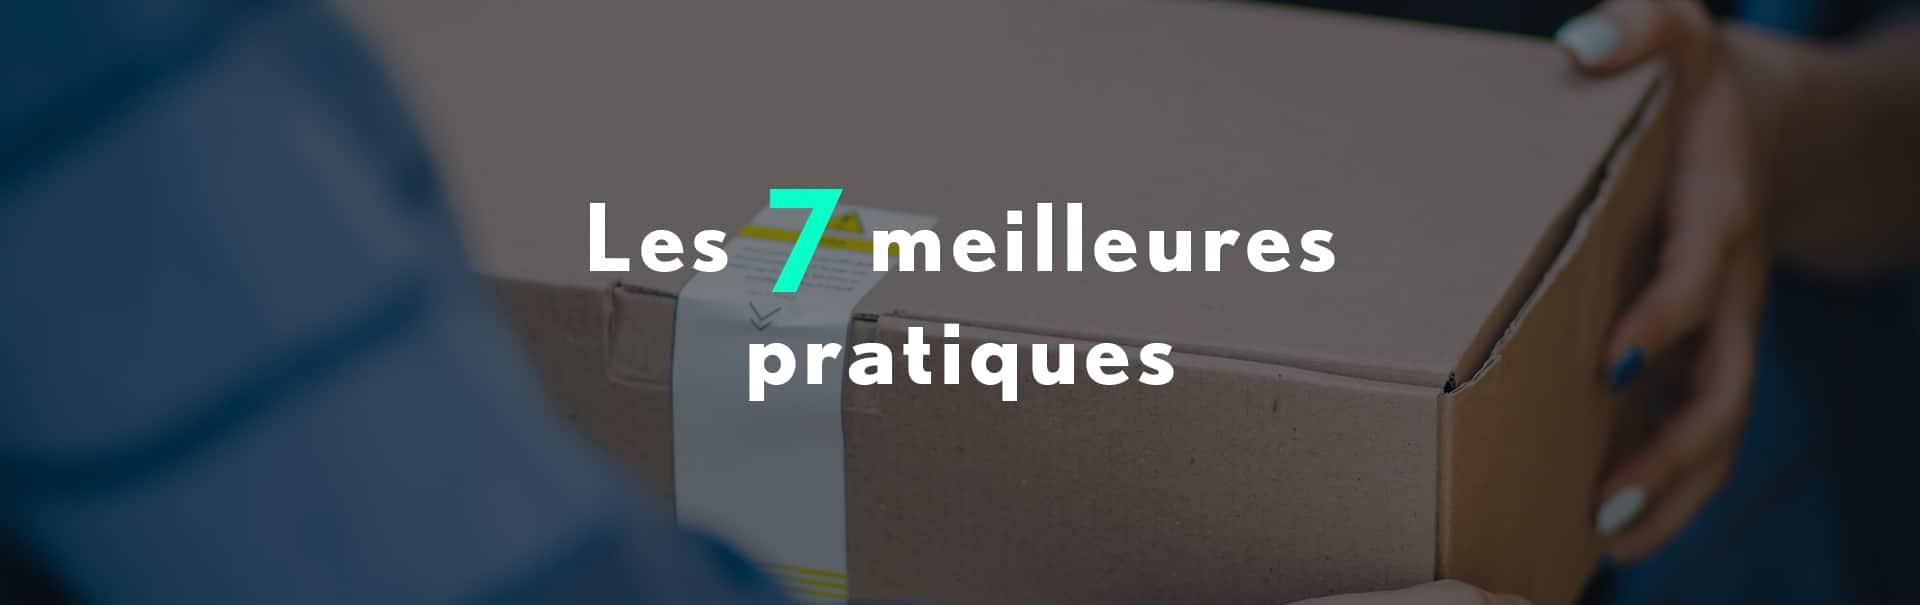 Les 7 meilleures pratiques emballage carton